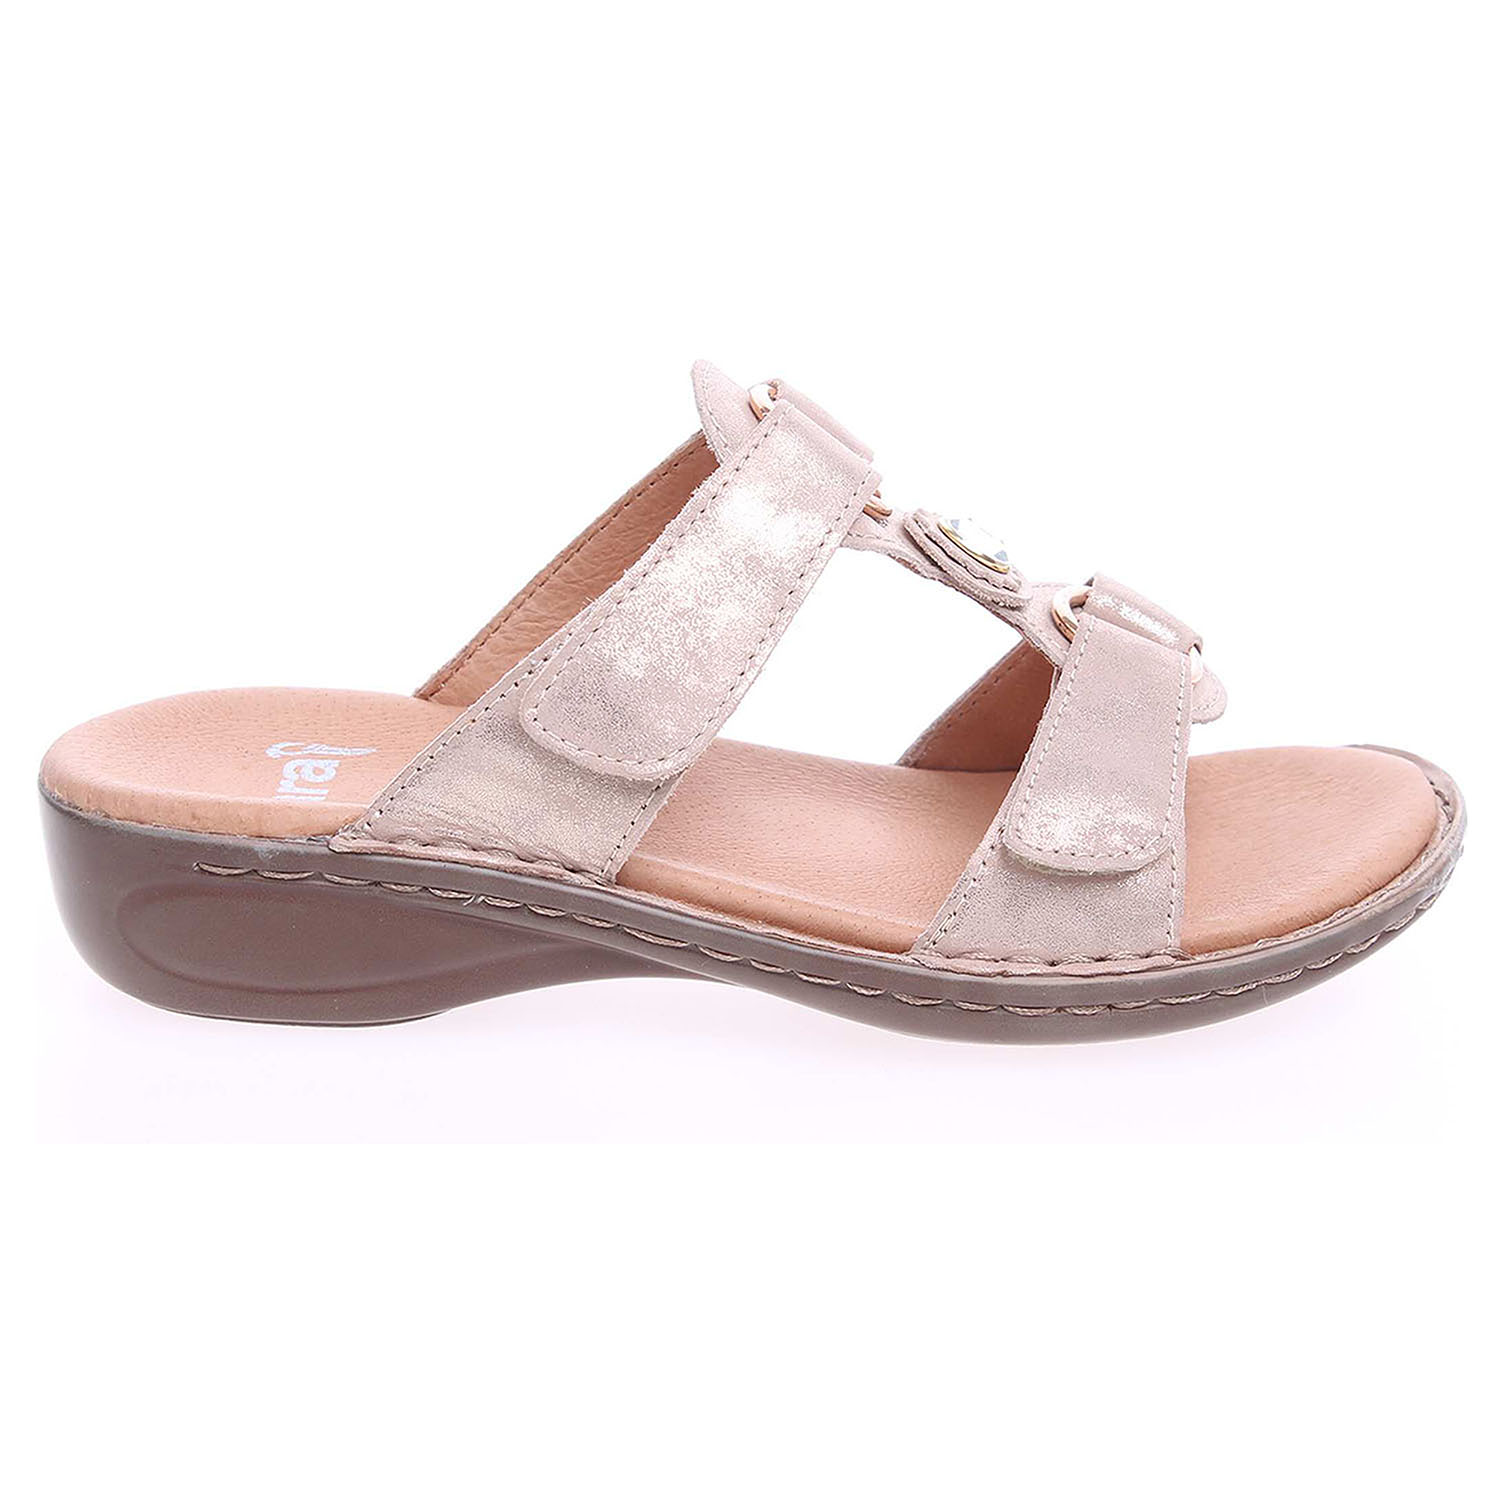 Ara dámské pantofle 37273 zlaté 37273-07 36